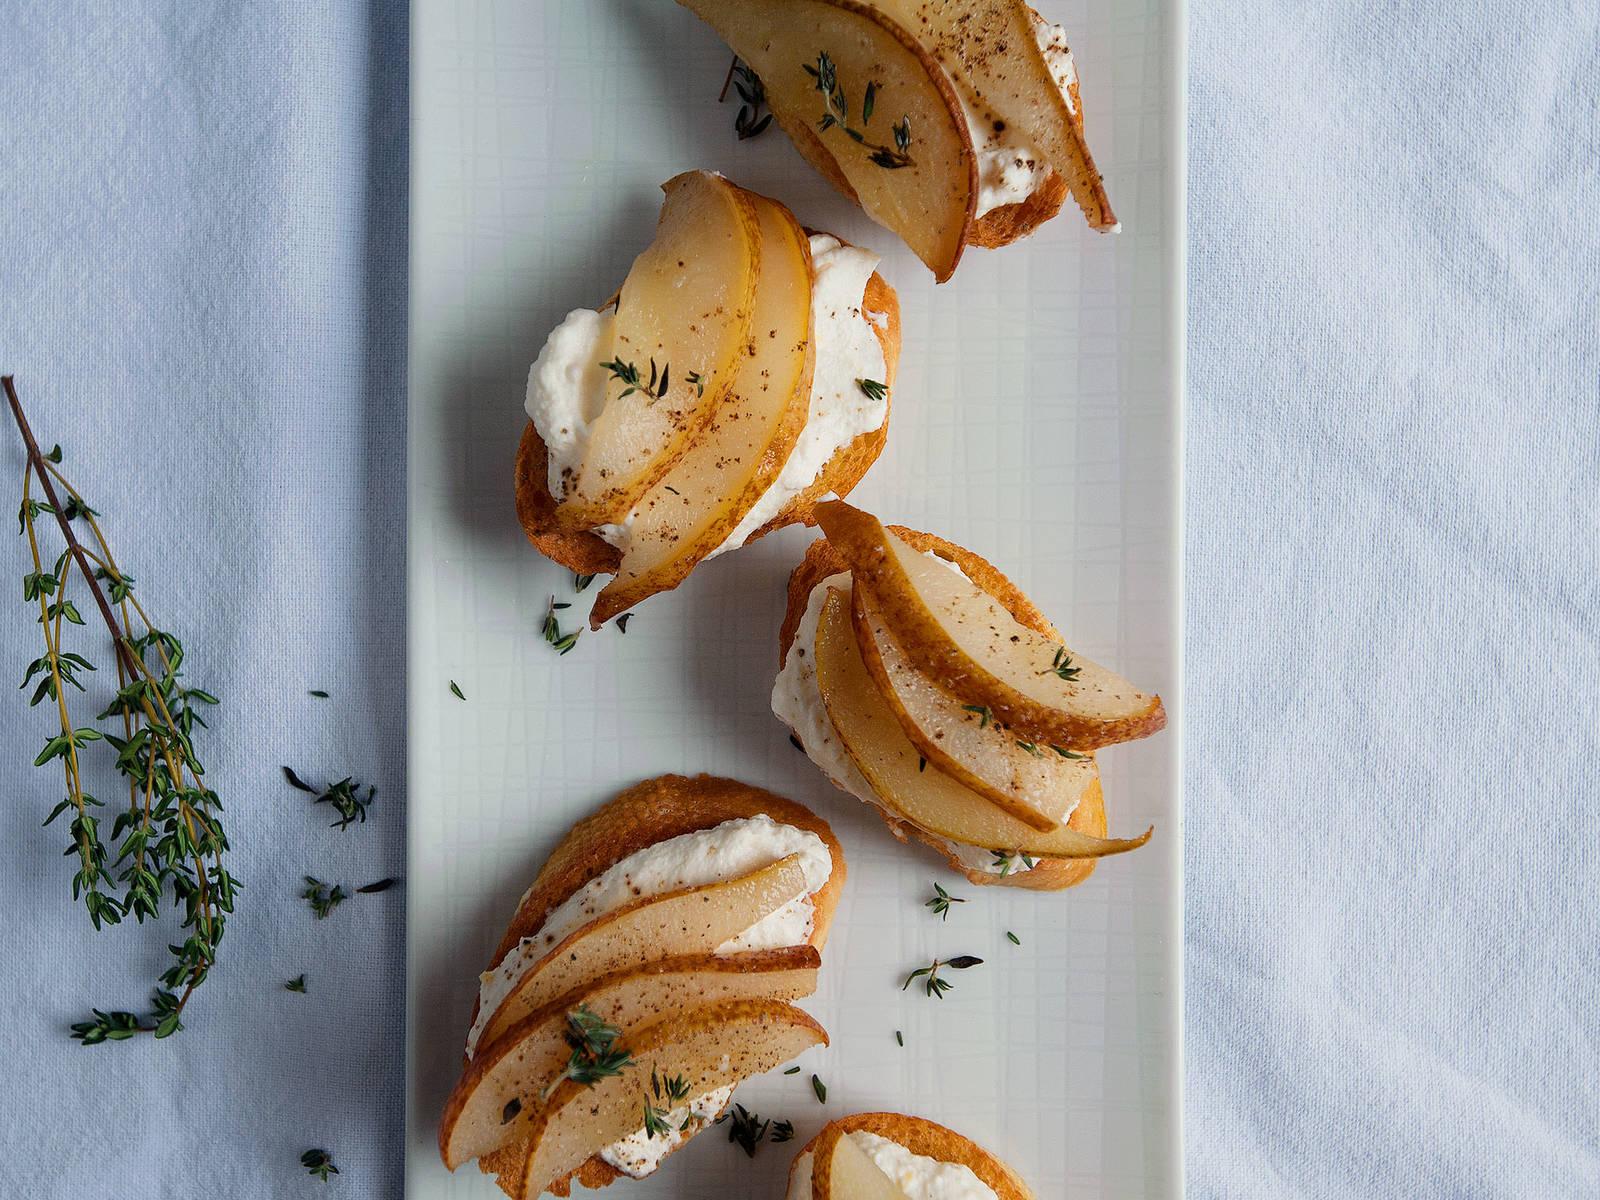 意大利乳清干酪烤面包佐蜂蜜烤梨